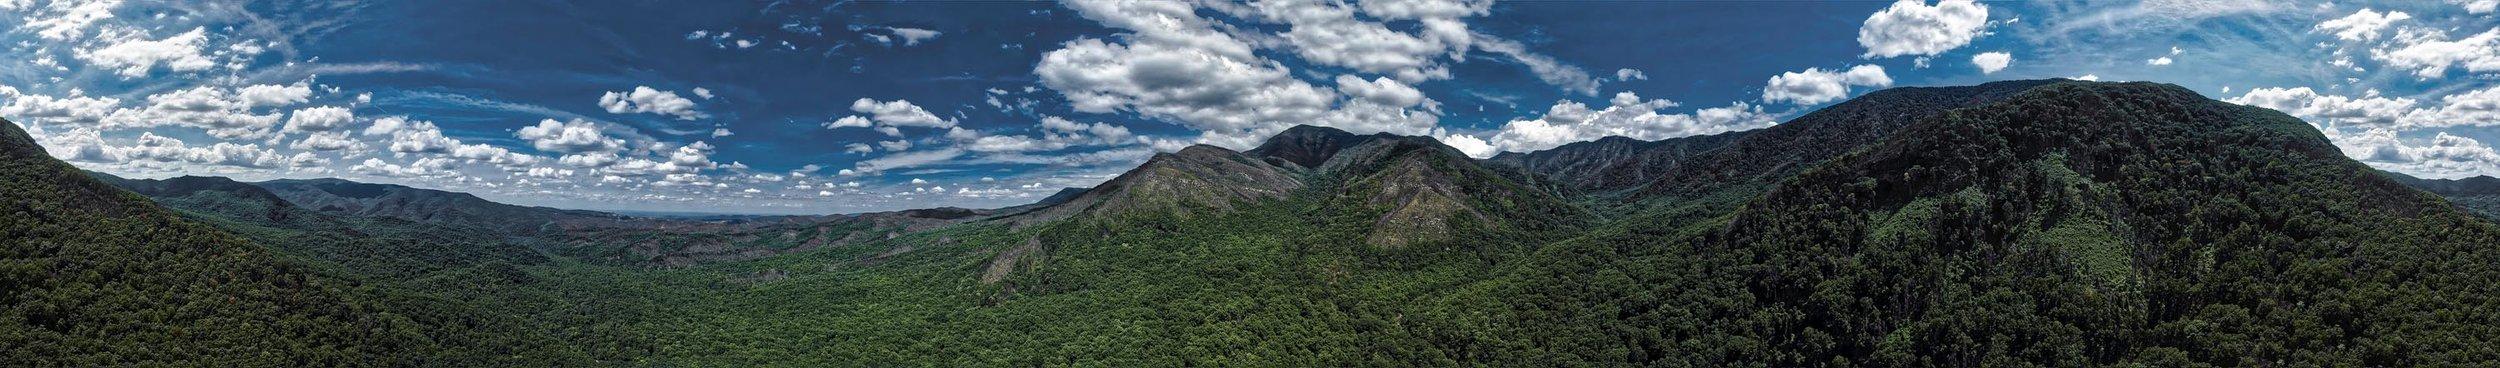 Rocky Mountains Panorama 2.jpg